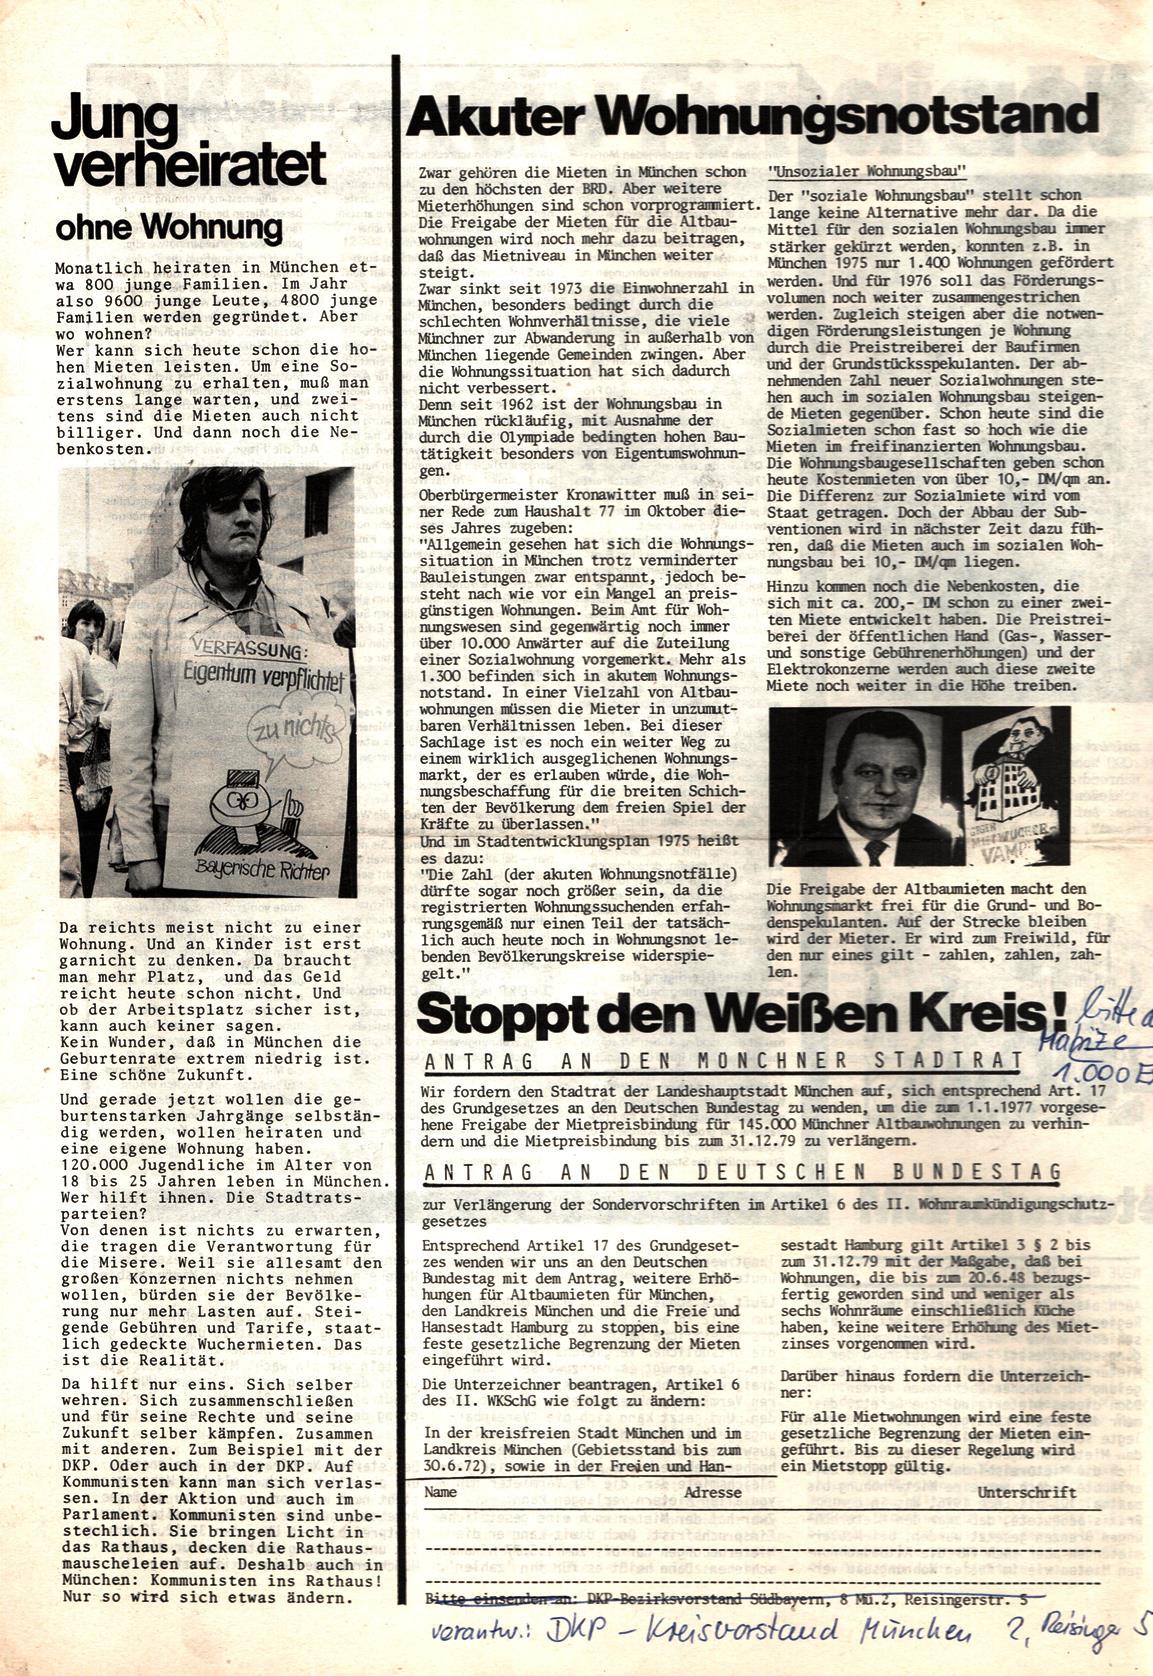 Muenchen_DKP_Neues_Muenchen_19761100_004